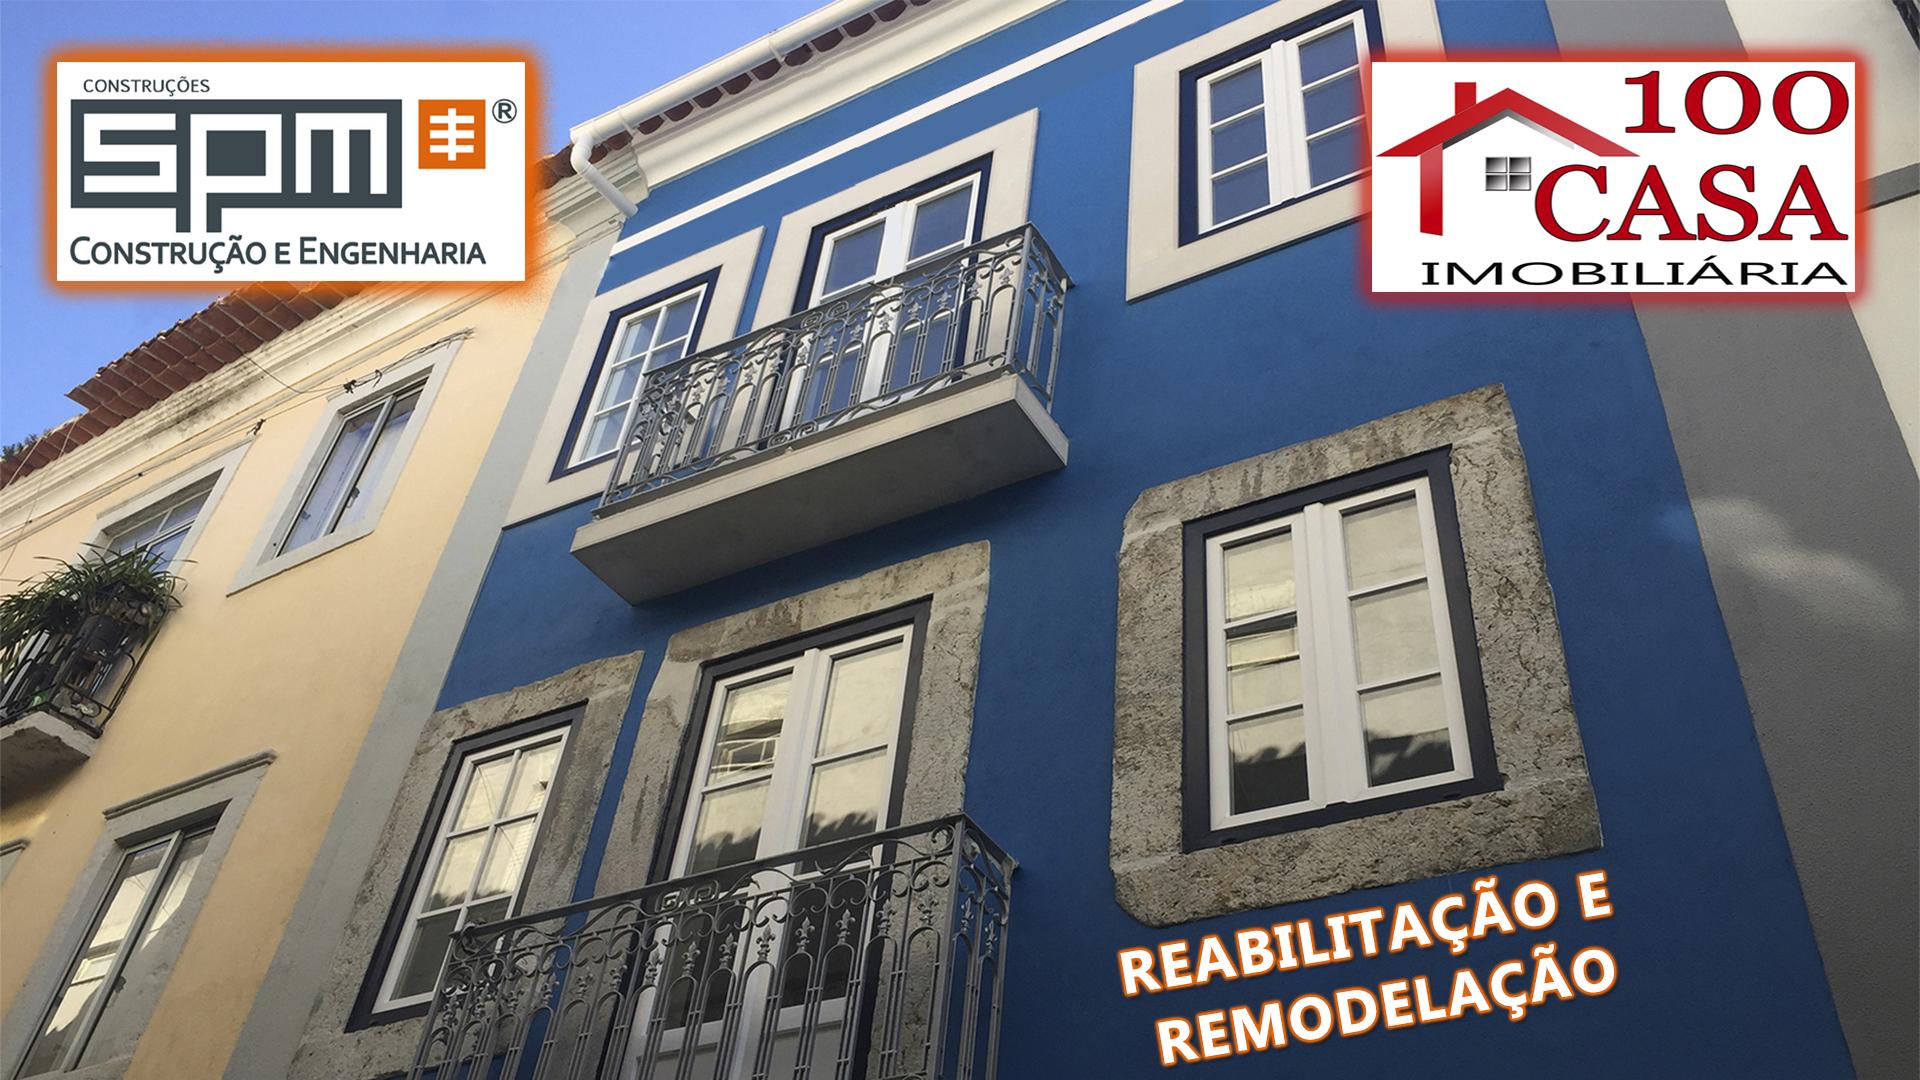 SPM | REABILITAÇÃO E REMODELAÇÃO DE PRÉDIO! (SETÚBAL, BAIXA COMERCIAL)